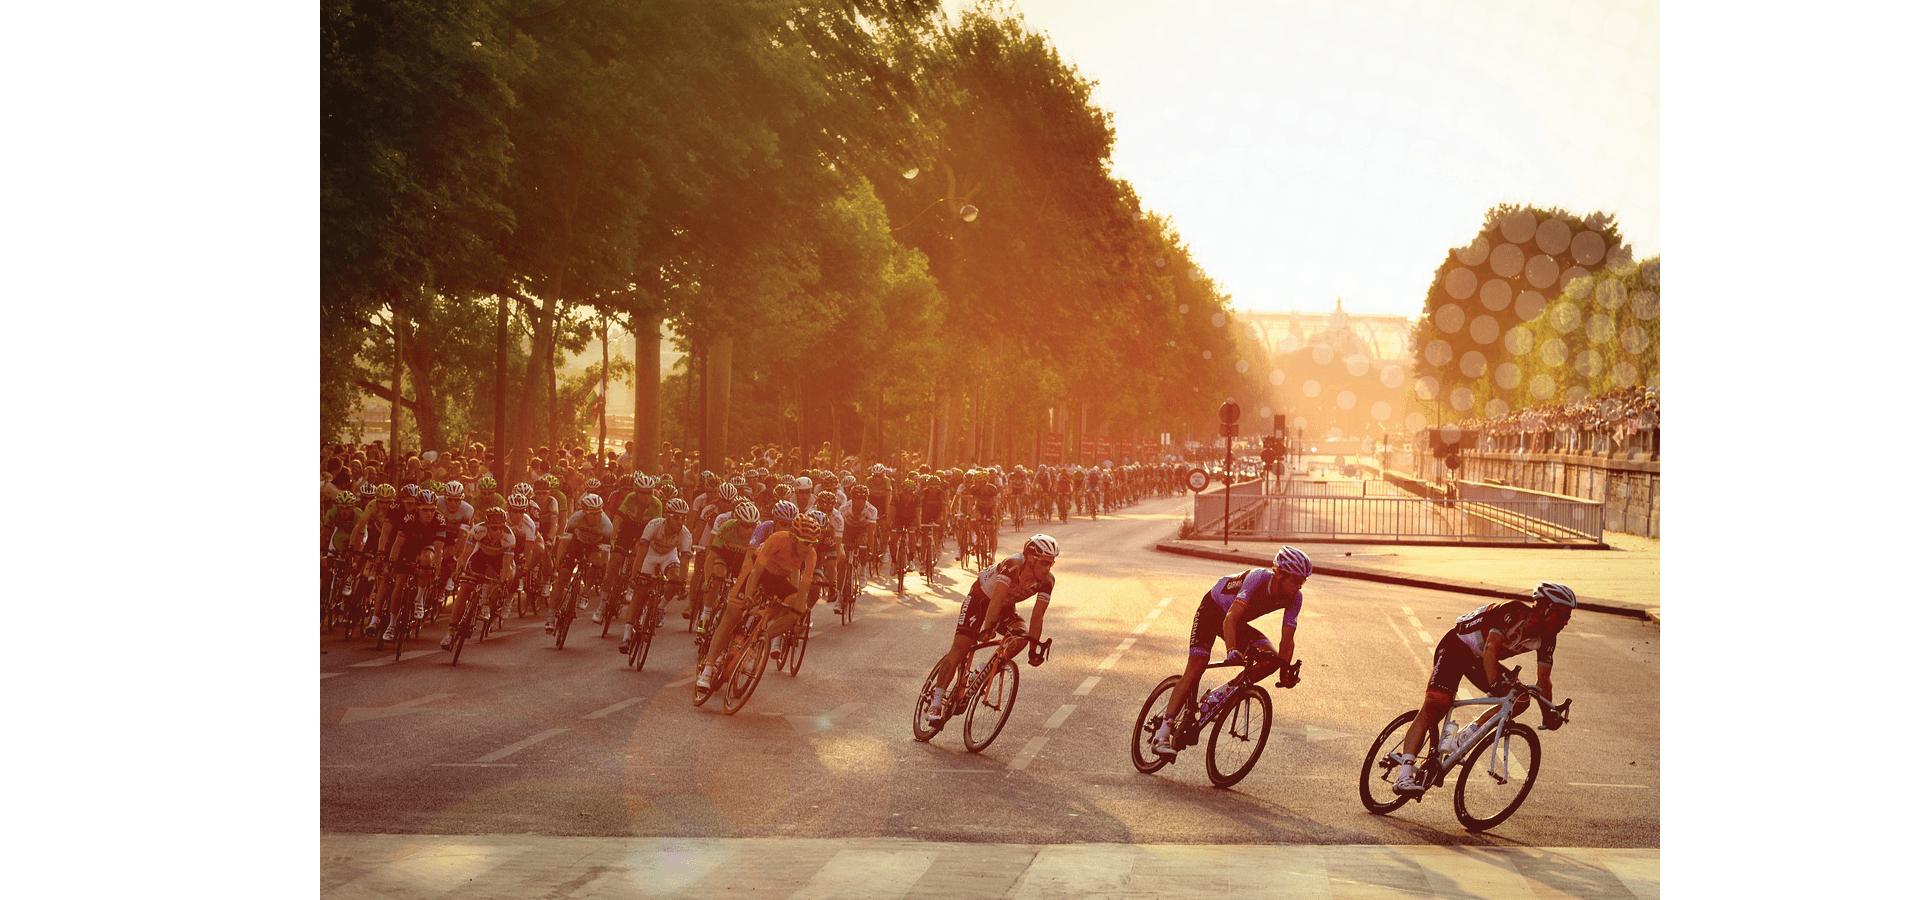 Le 10 juillet 2019, le Tour de France passe dans le centre ville d'Obernai !